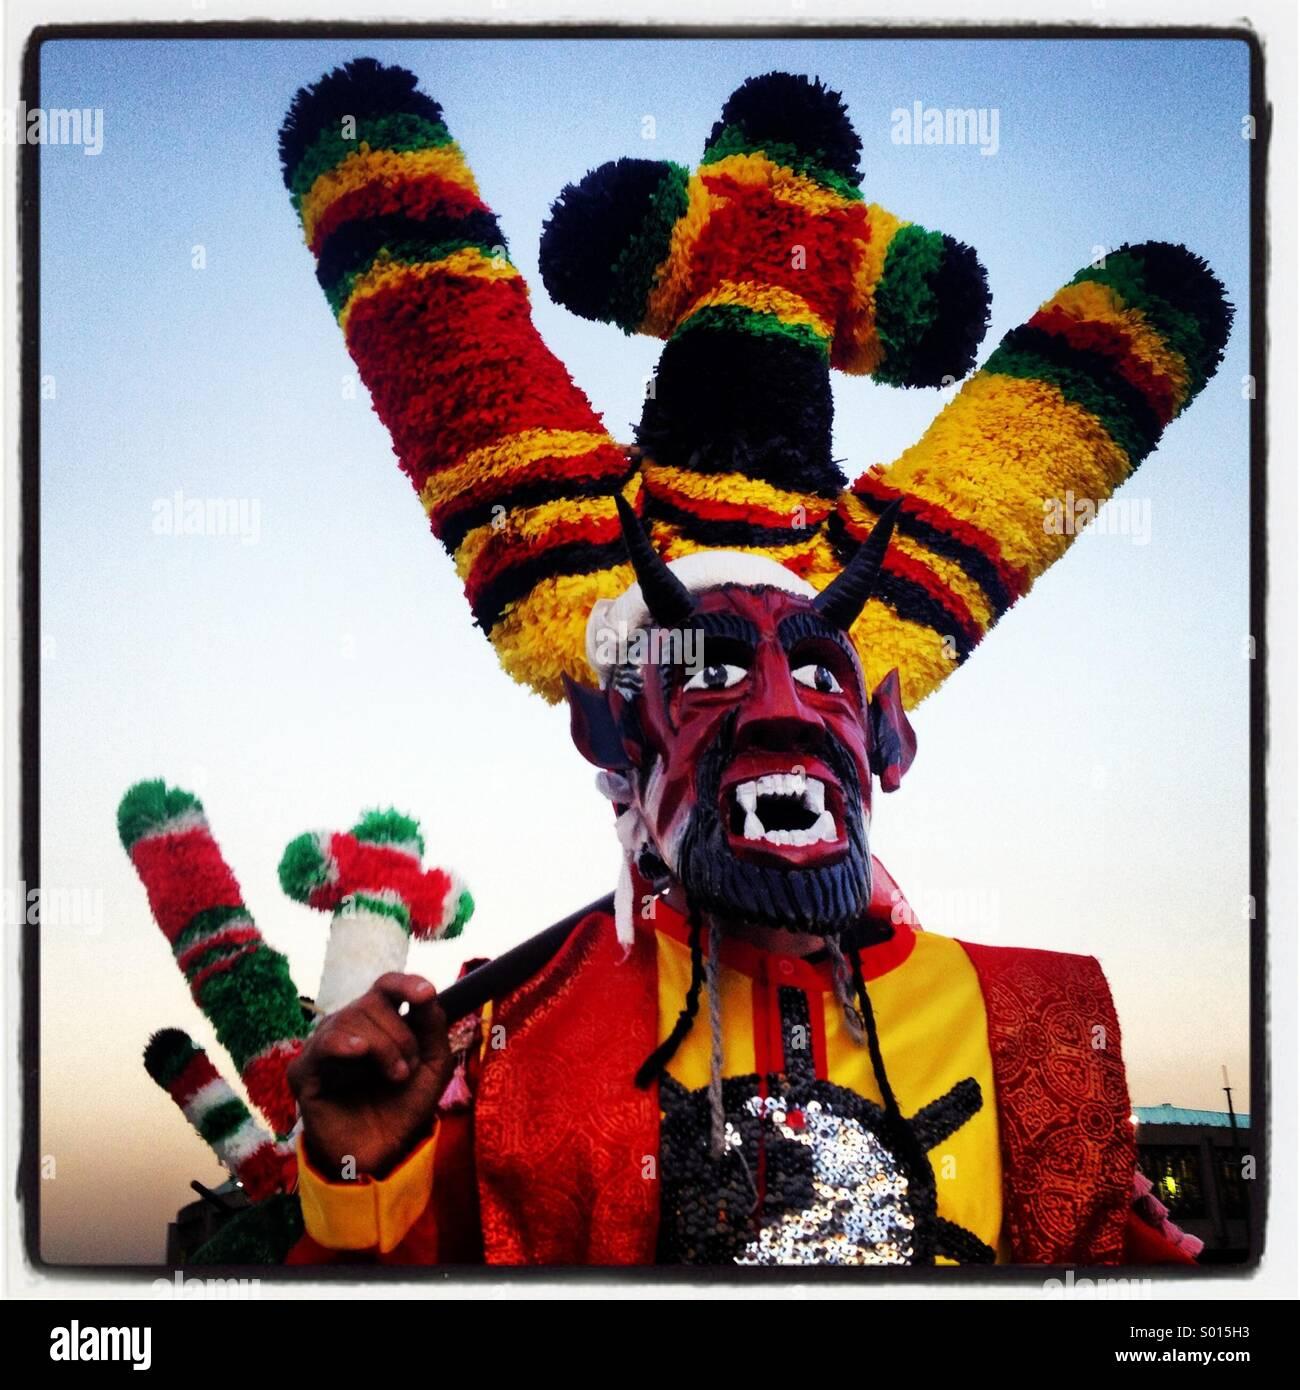 Ein maskierter Tänzer gekleidet wie ein rote Teufel während der Wallfahrt zu unserer lieben Frau von Guadalupe Basilica Stockfoto